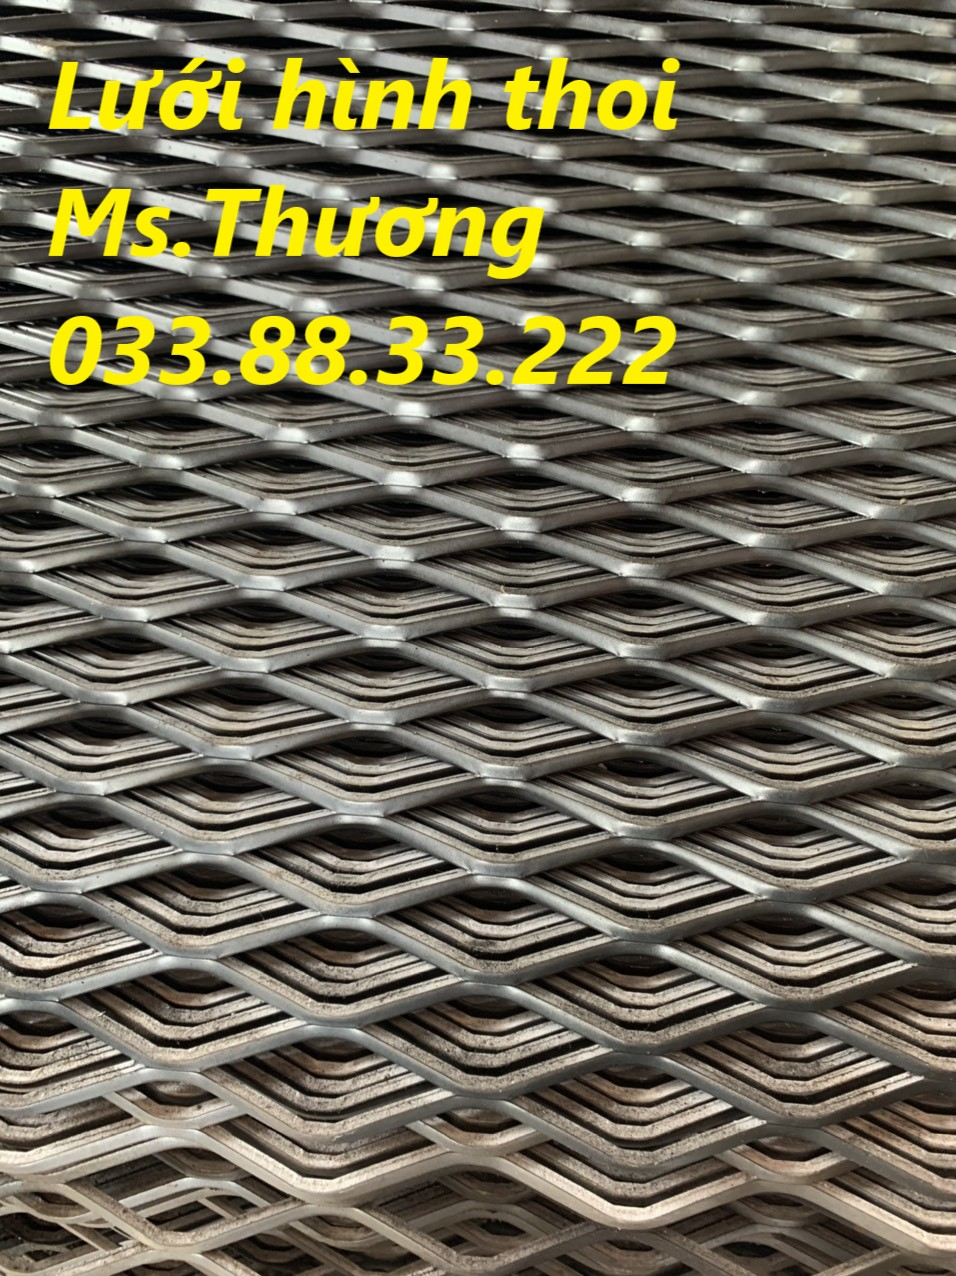 Lưới sắt mắt cáo LAX20, lưới hình thoi giá tốt tại Hà Nội